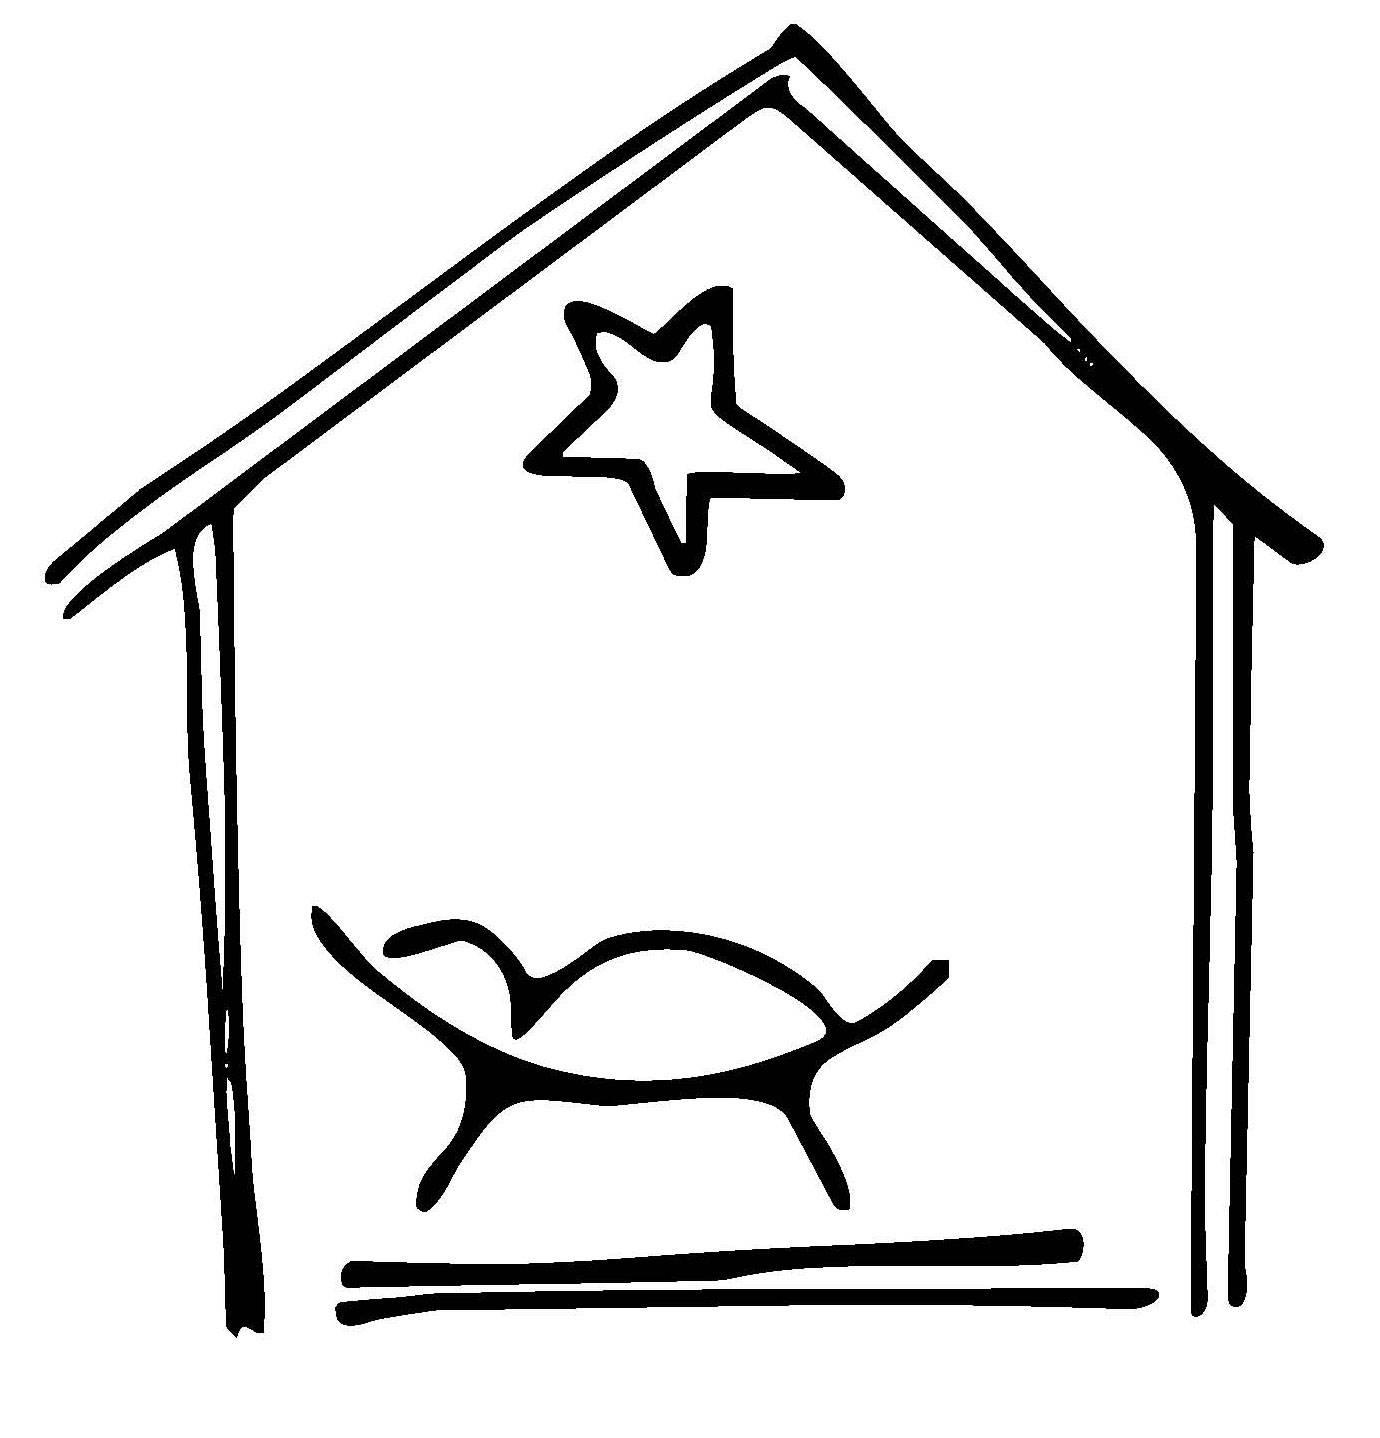 Ausmalbild Weihnachten: Krippe kostenlos ausdrucken